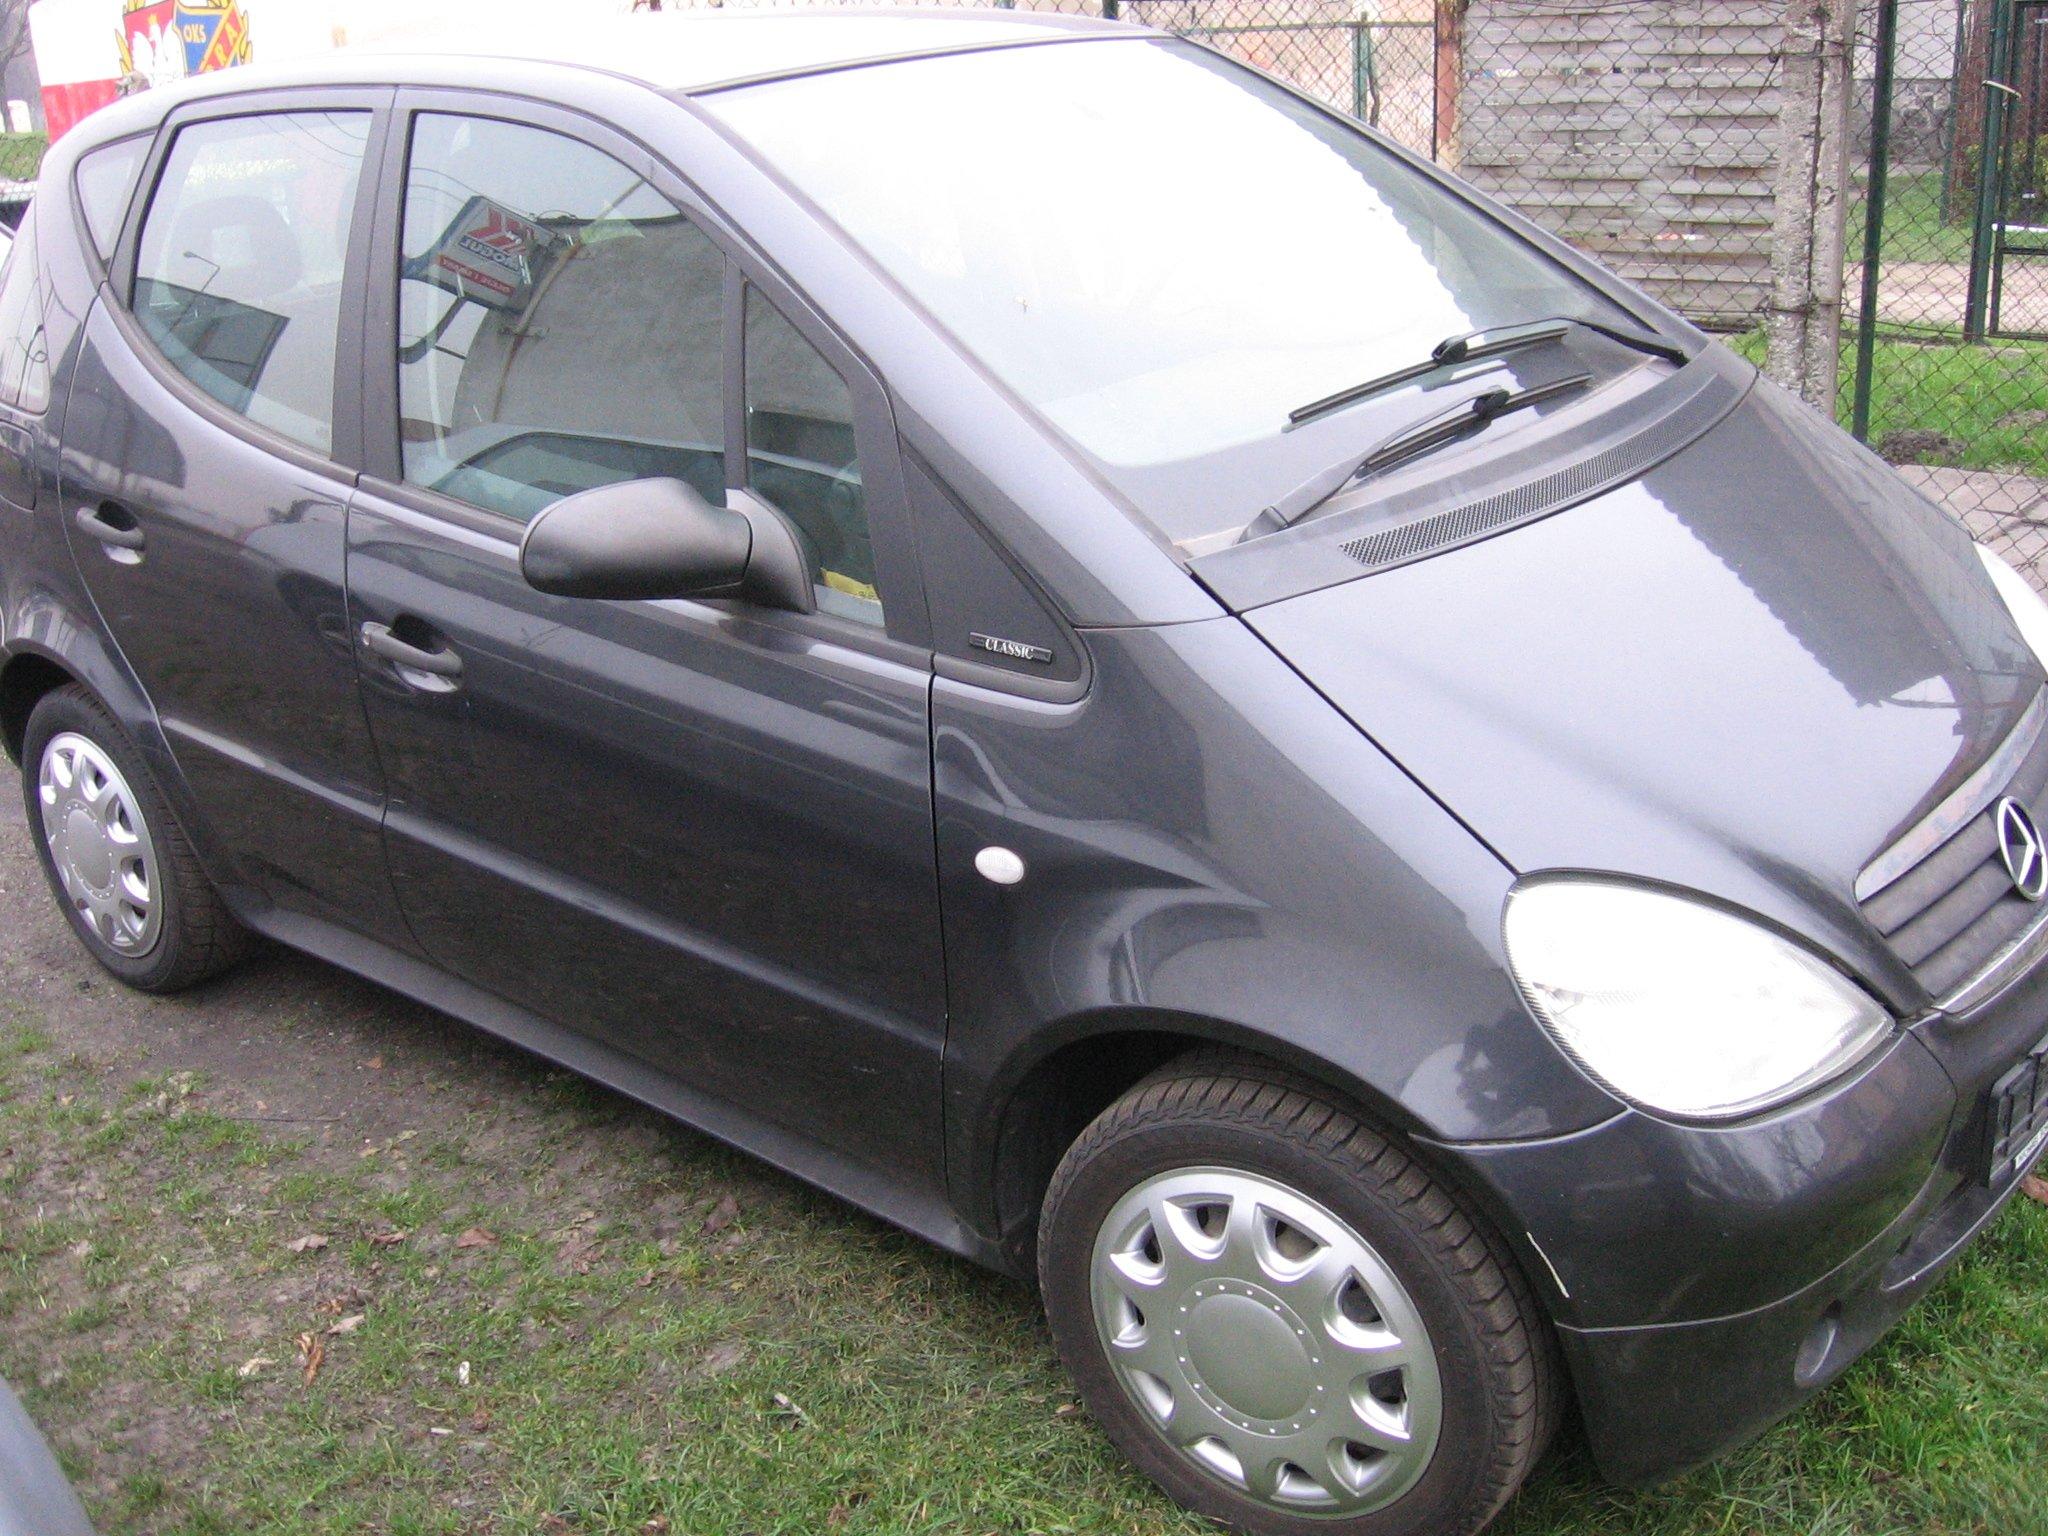 Mercedes-Benz A-Klasa 1.4 benzyna - Opole